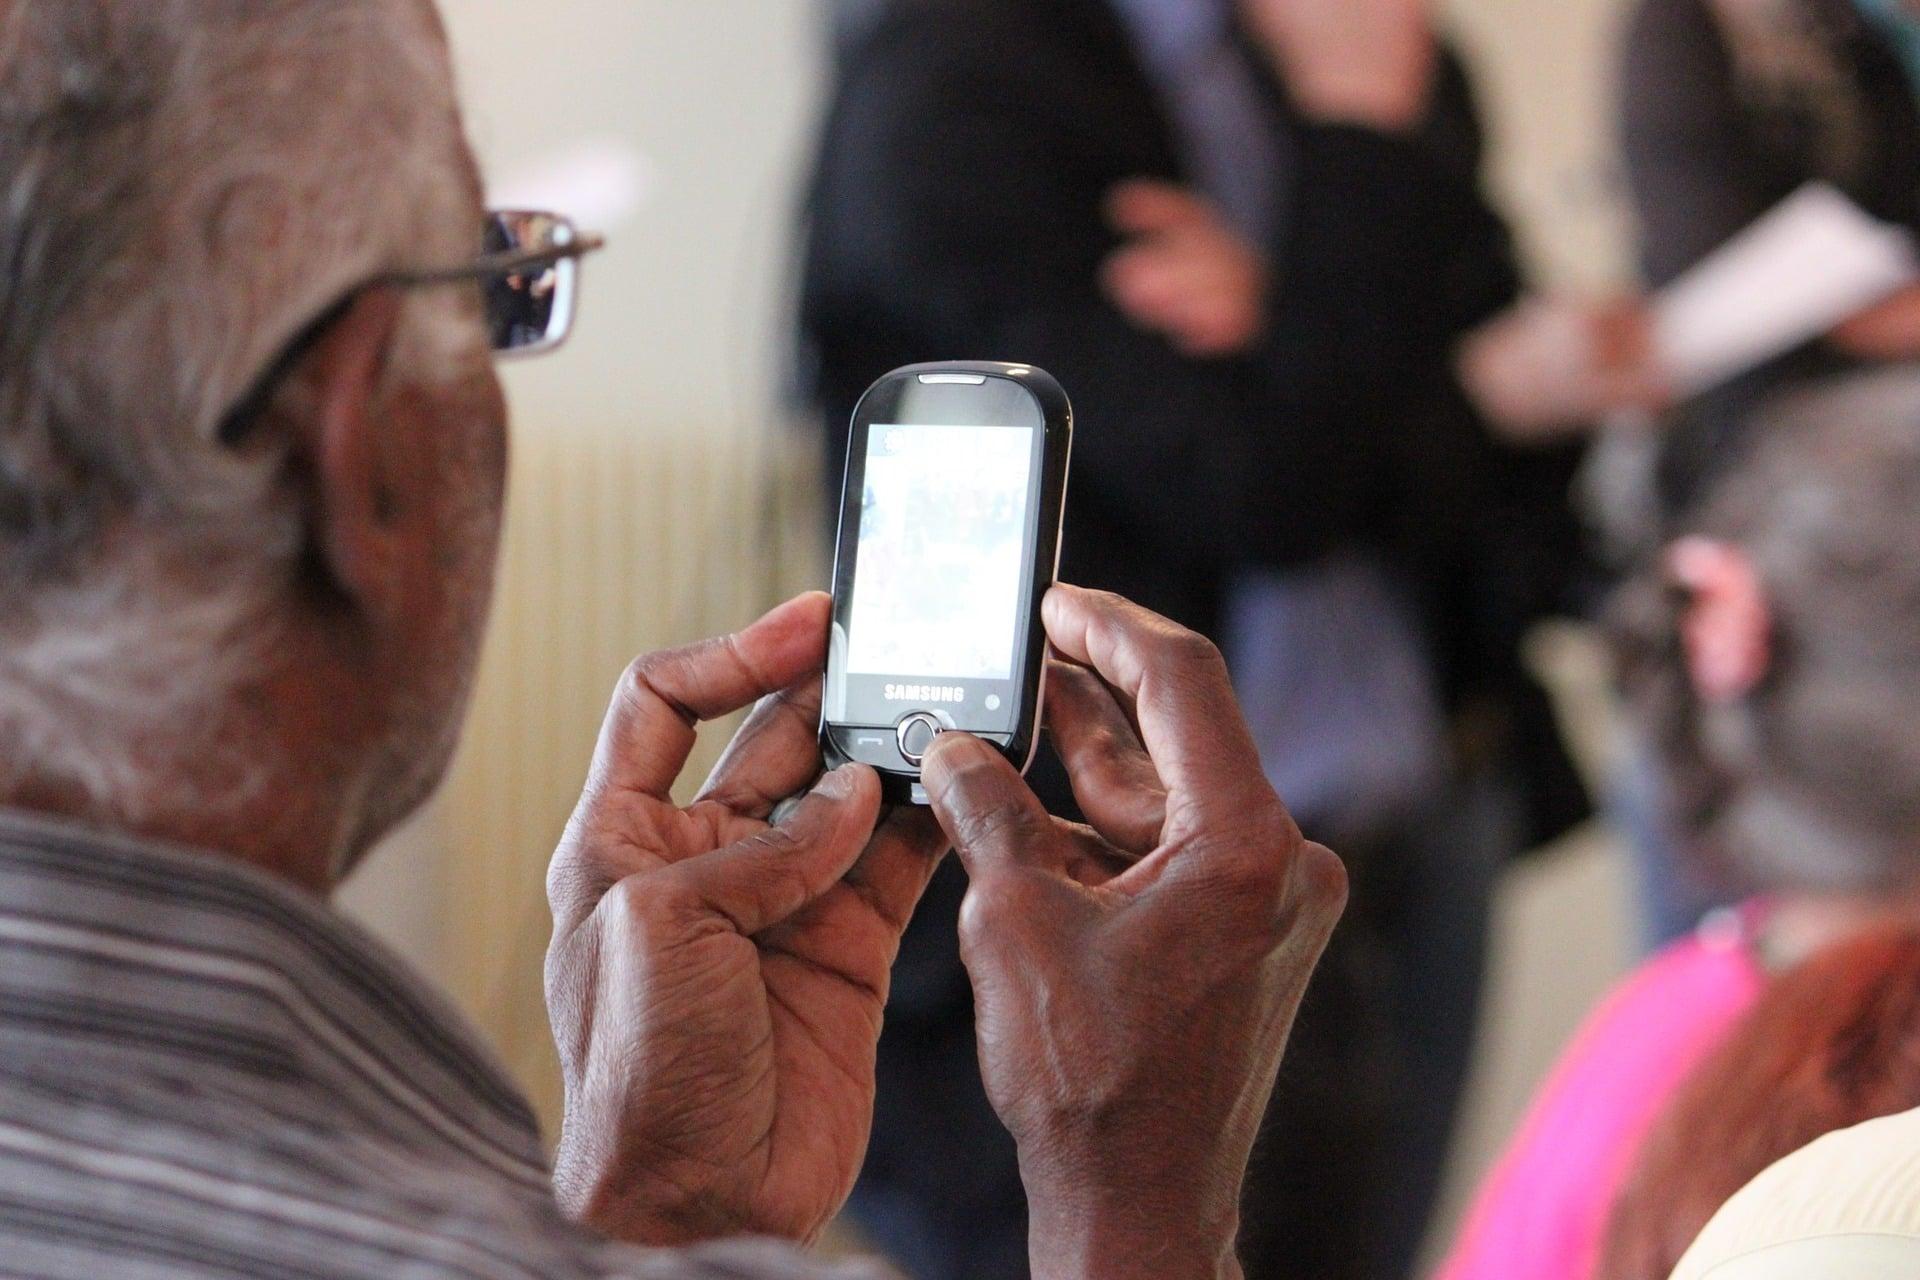 """Trzy dni wystarczyły, aby przekonać zdeklarowanego """"anty-smartfonowca"""", że te całe smartfony nie są takie złe... 1"""